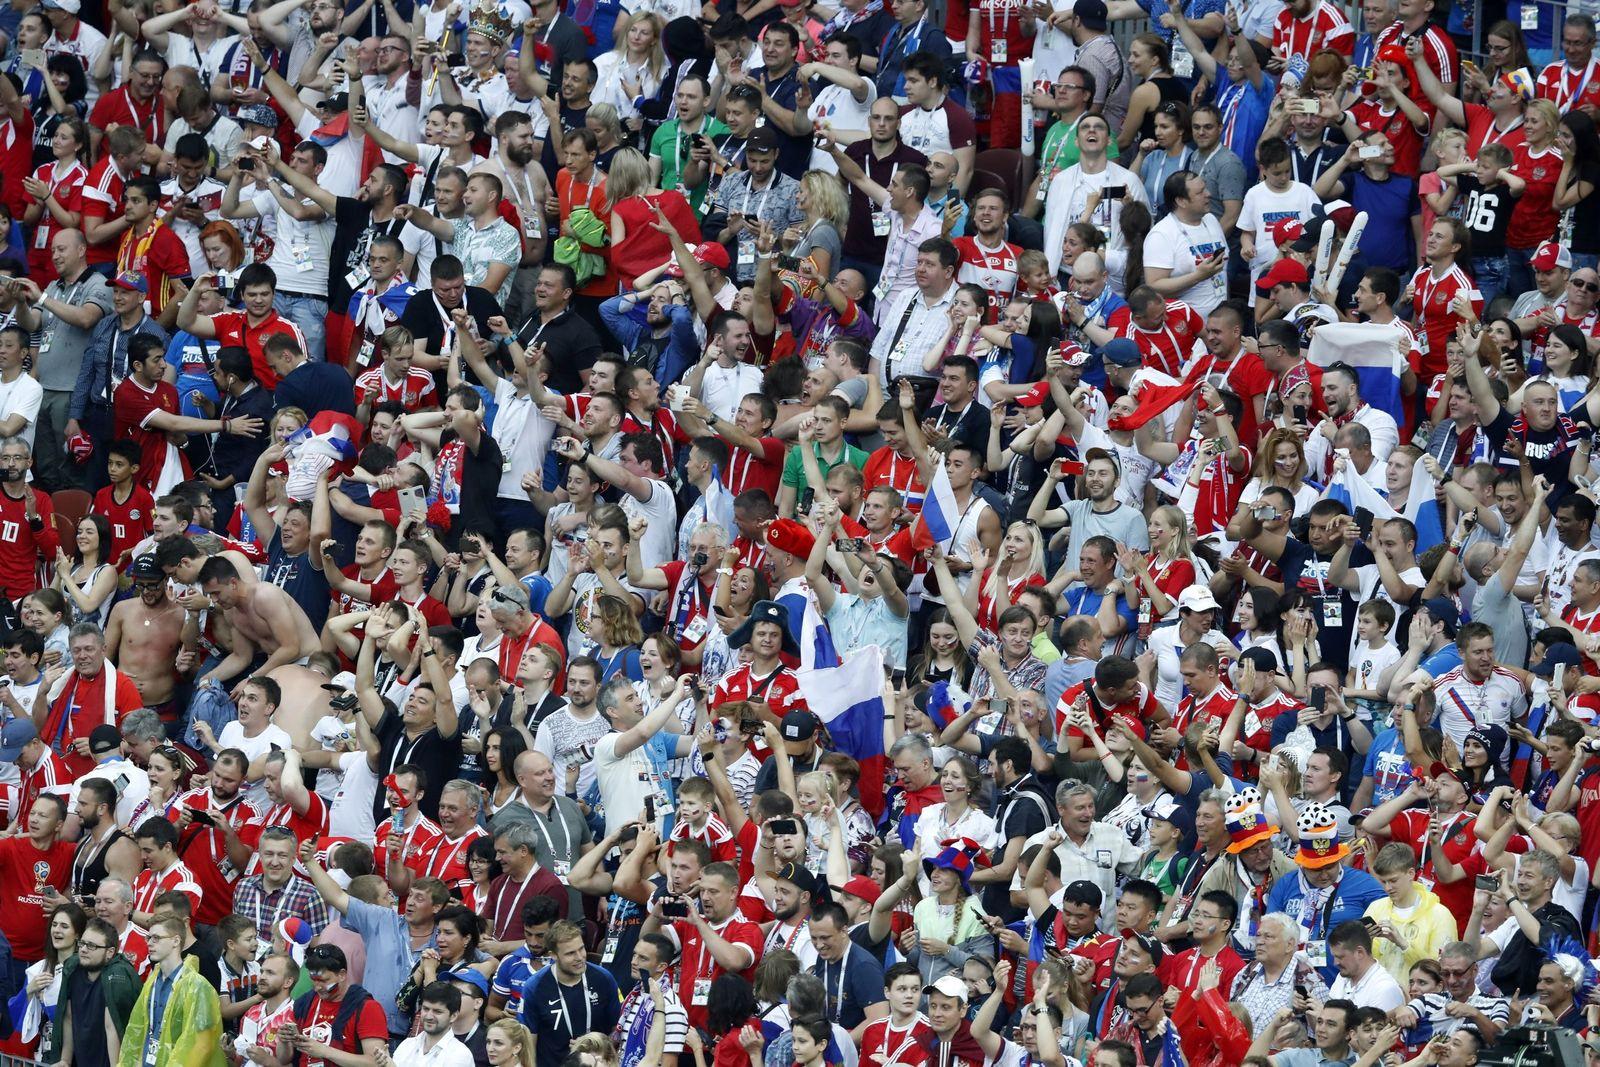 WM2018/ Pobedobesie/ Siegeswahn